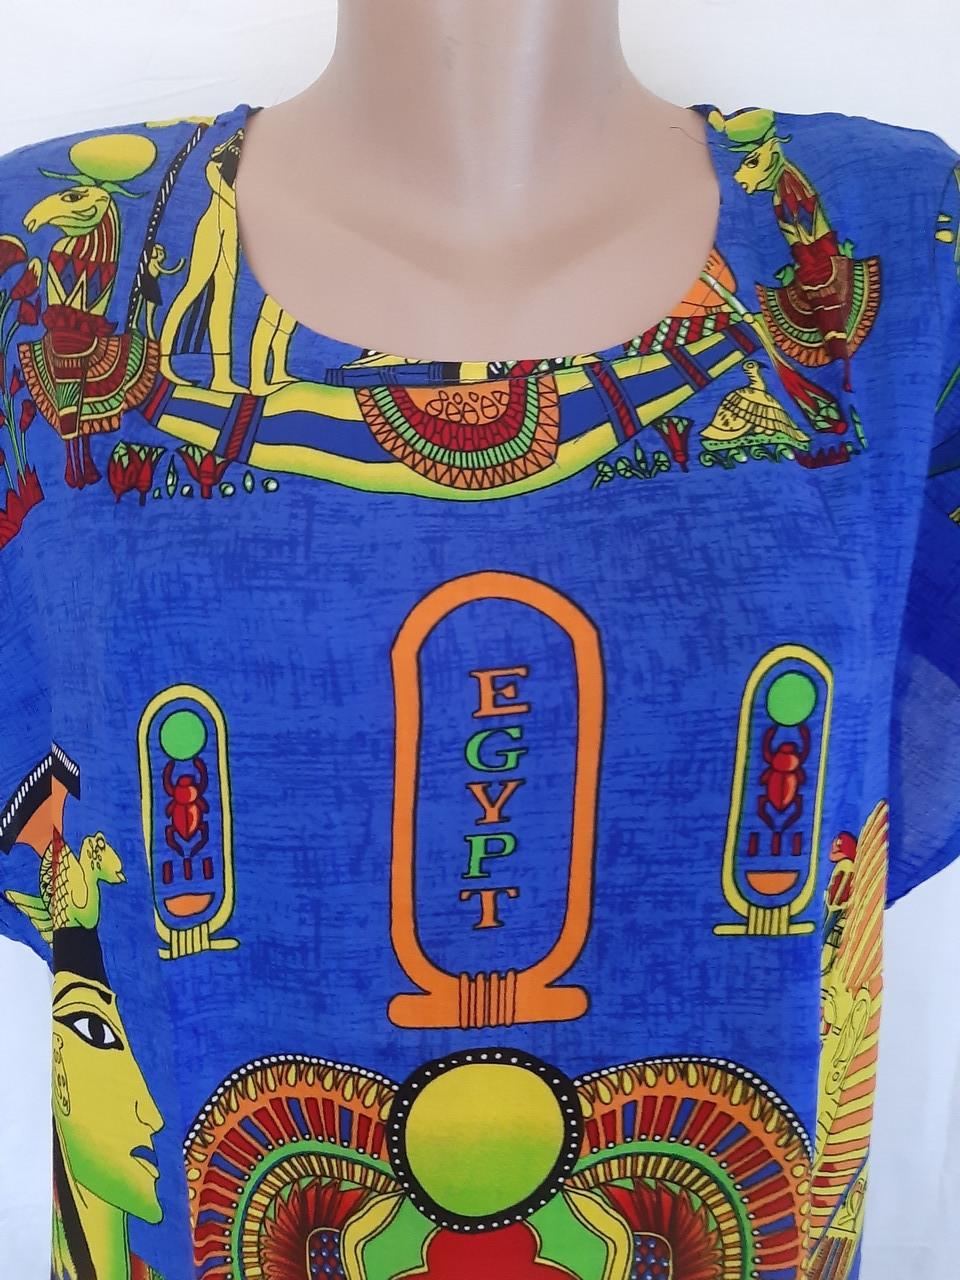 Туника Египет большого размера Штапельная туника Туника из натуральной ткани Легкая летняя туника Синяя